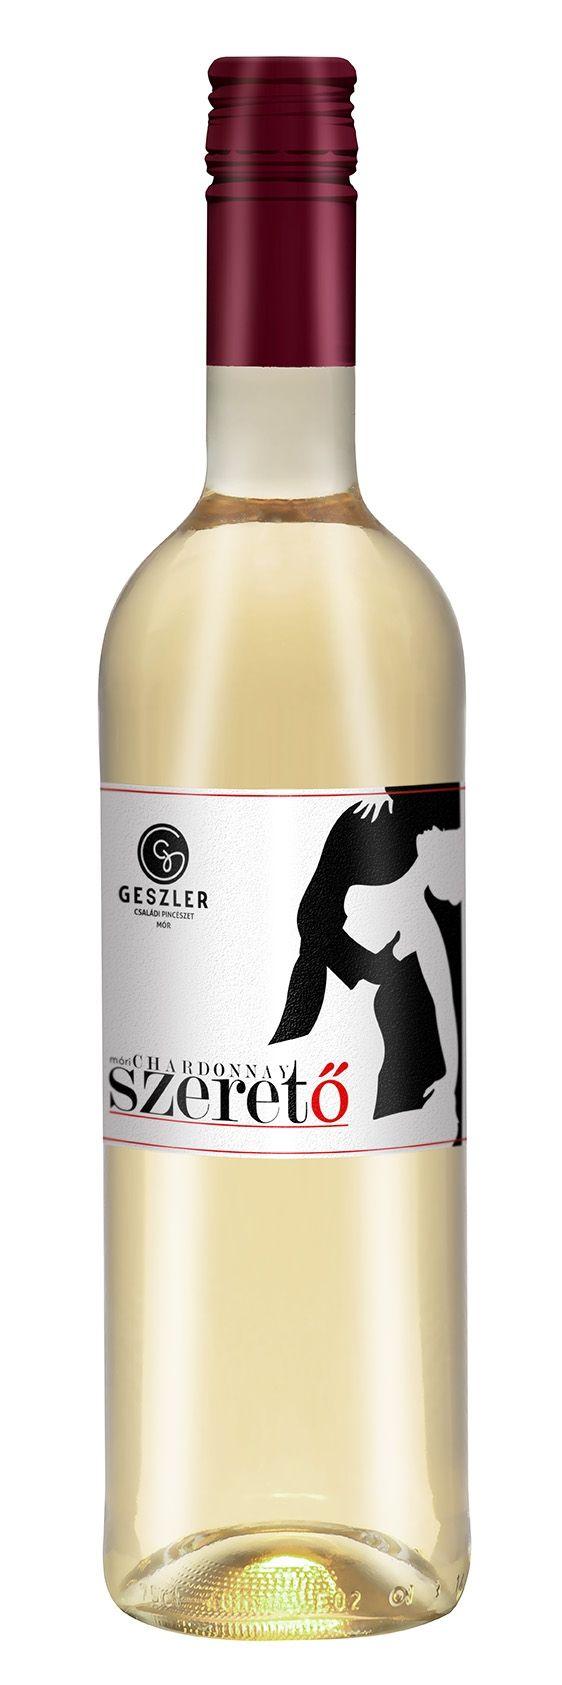 Az egyik legnépszerűbb borunk … a fiatalok és a hölgyek kedvence! SZERETŐ- Móri Chardonnay (2015)  oltalom alatt álló eredetmegjelölésű FÉLÉDES fehérbor Szeretnénk ezzel a Chardonnay-vel annak minden kóstolóját elcsábítani, bevezetni a finom, változatos, izgalmas móri borok világába. Aki megízleli ezt a könnyed, üde bort, annak megmarad az emlékezetében és vágyakozni fog a folytatásra… http://www.geszlerpince.hu/borok-geszler-csaladi-pinceszet-mor/szereto-mori-chardonnay-2015#tartalom